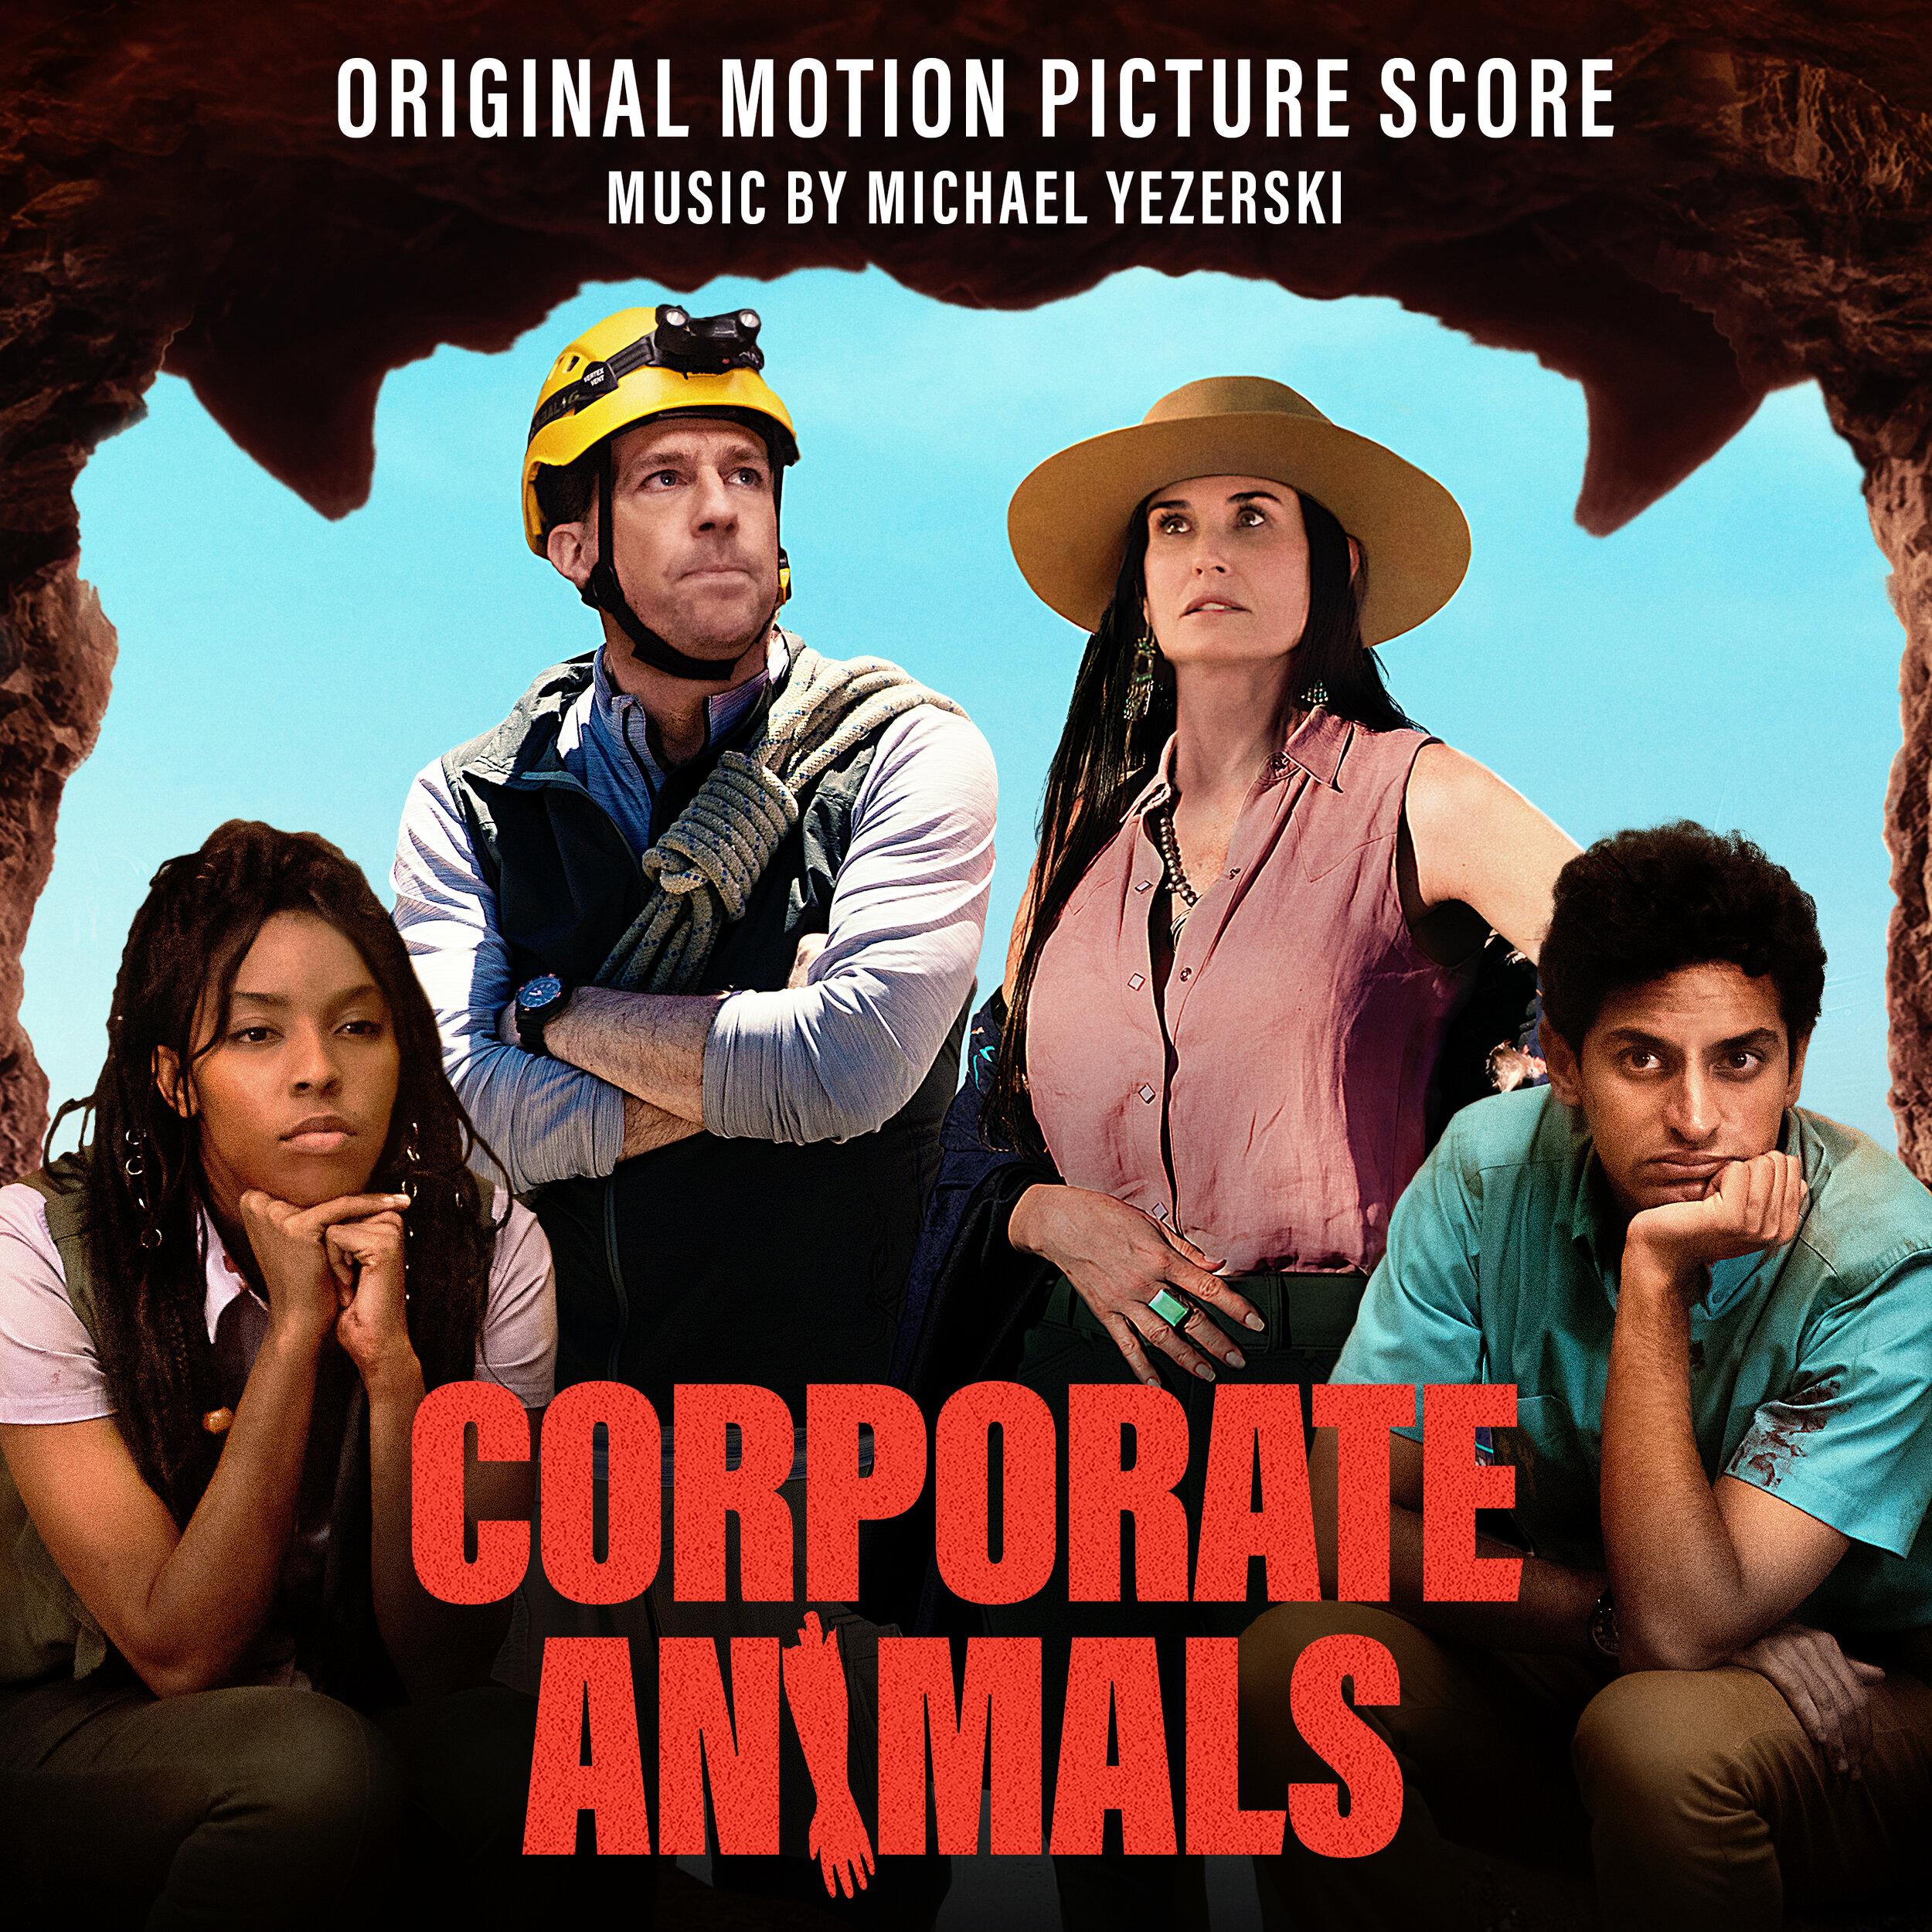 CorporateAnimals_SoundtrackArt.jpg